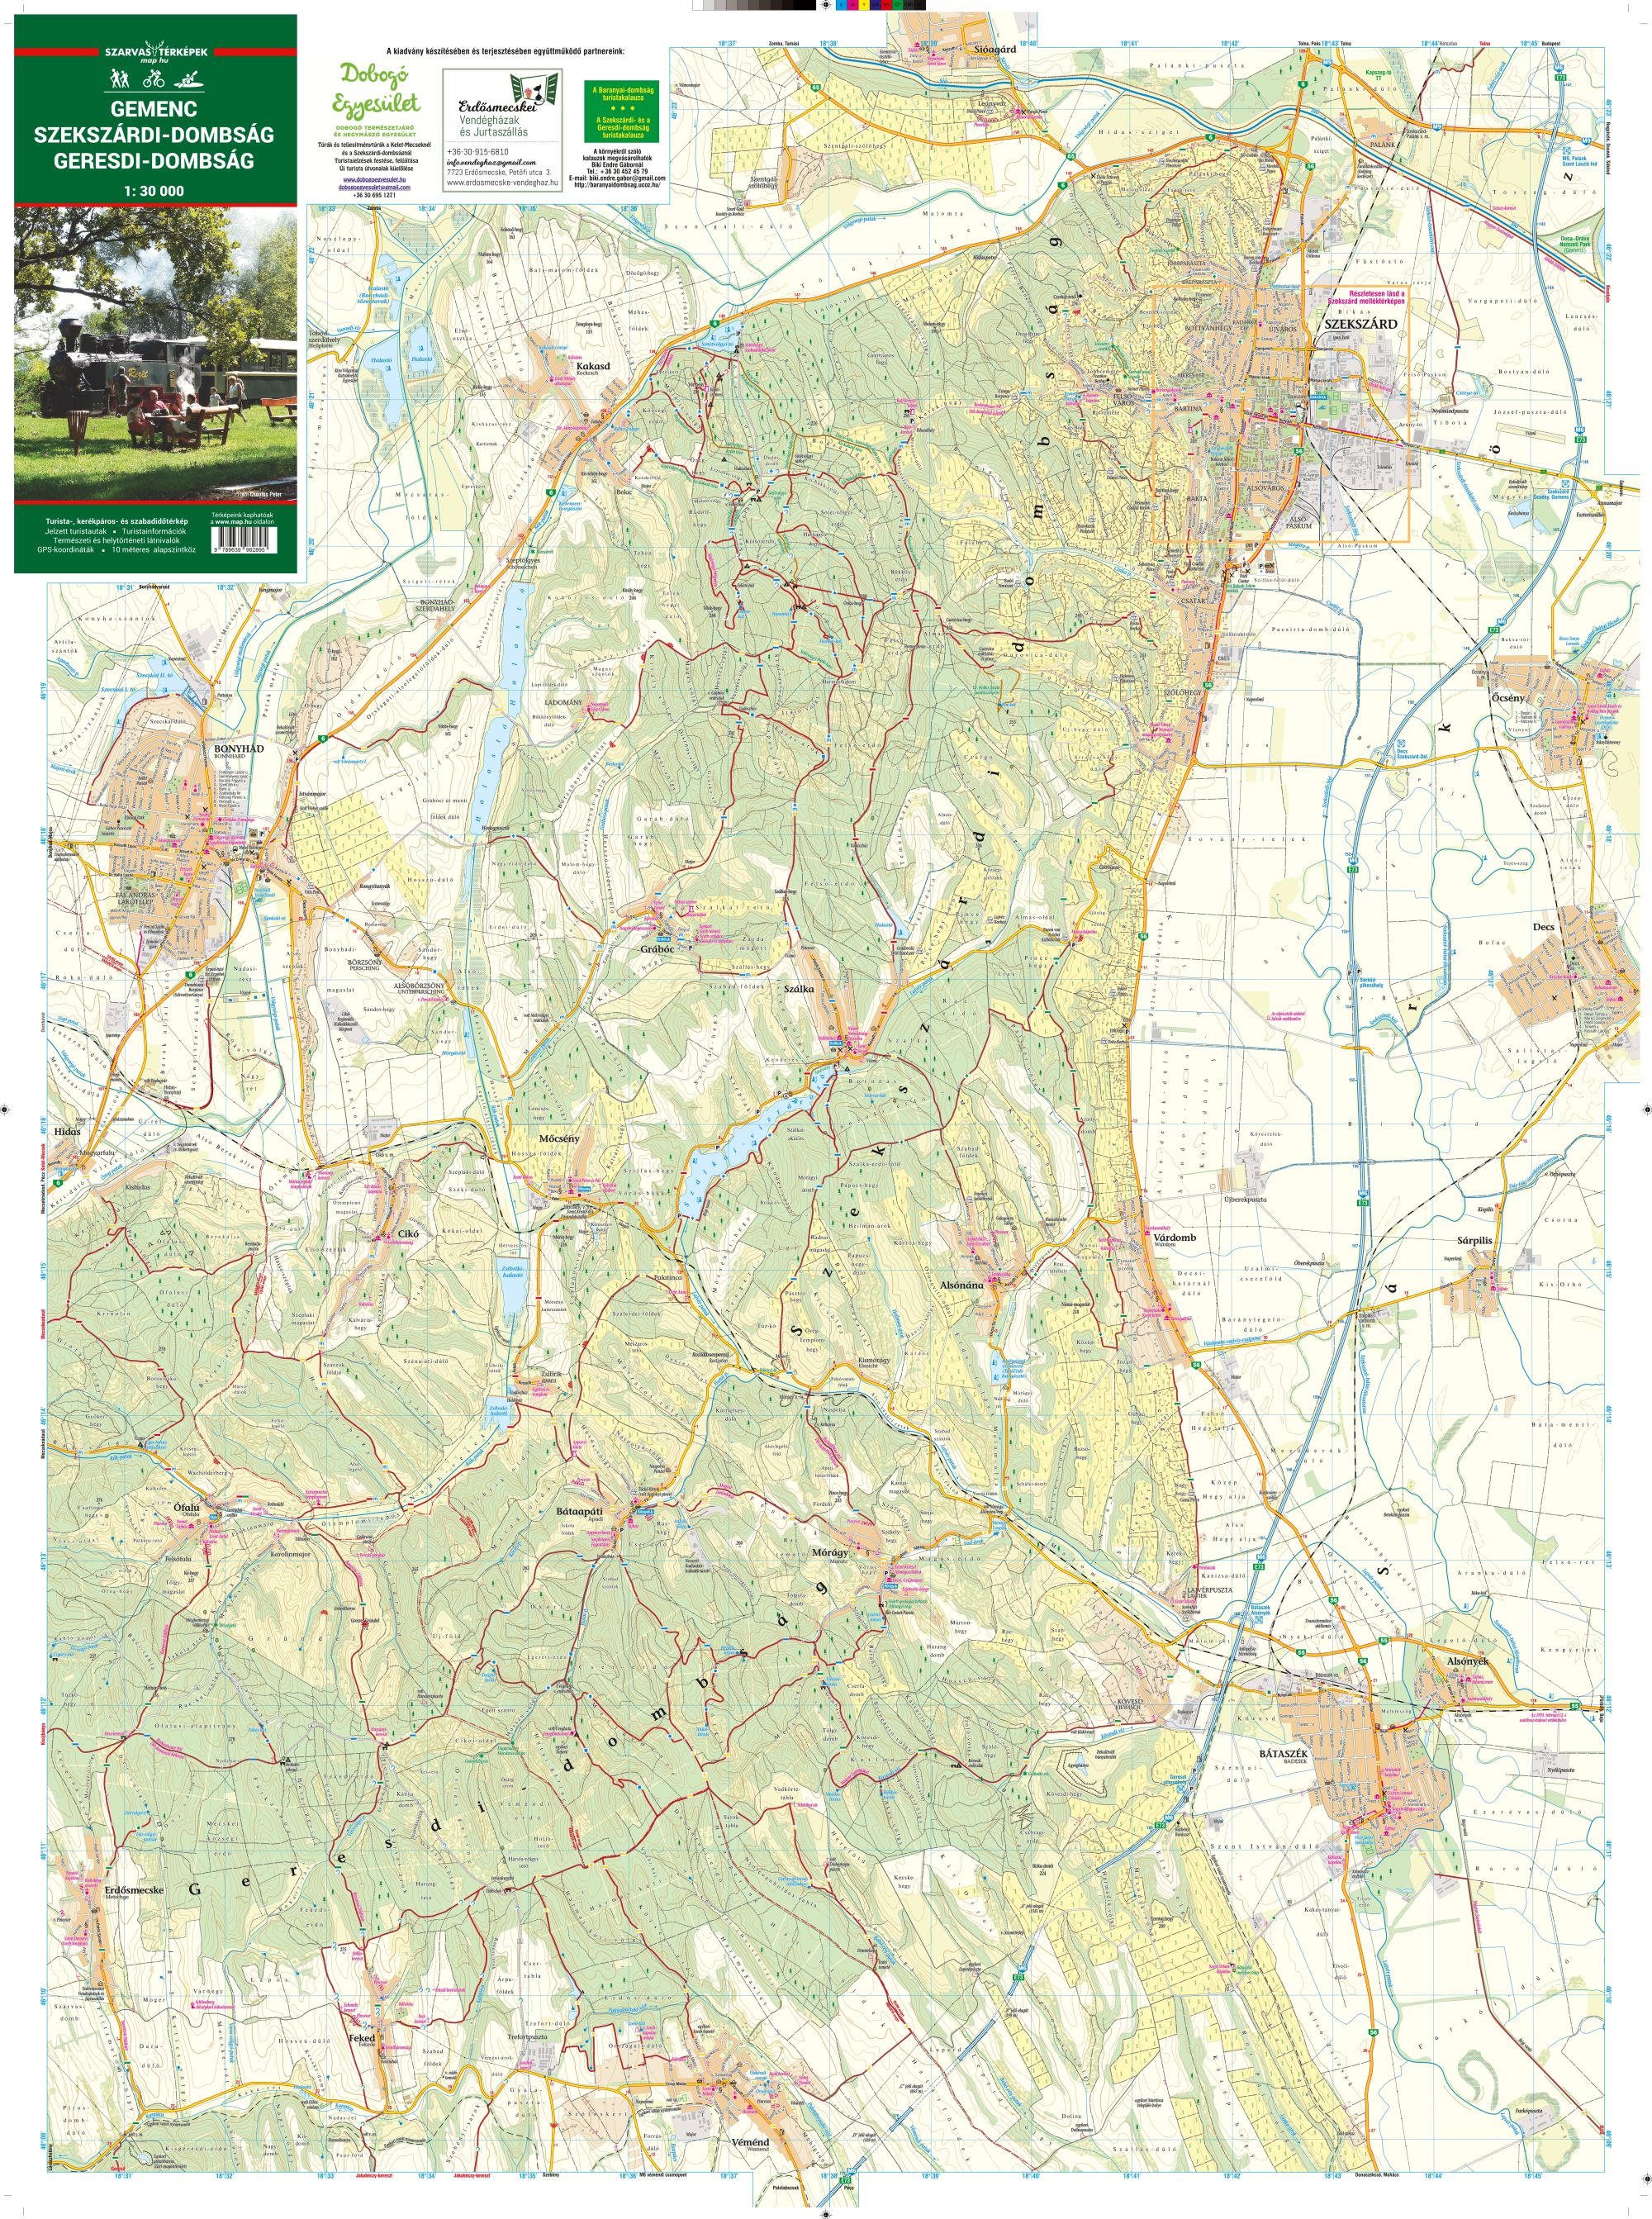 A Szekszárdi-d. és a Geresdi-d. térkép által lefedett terület